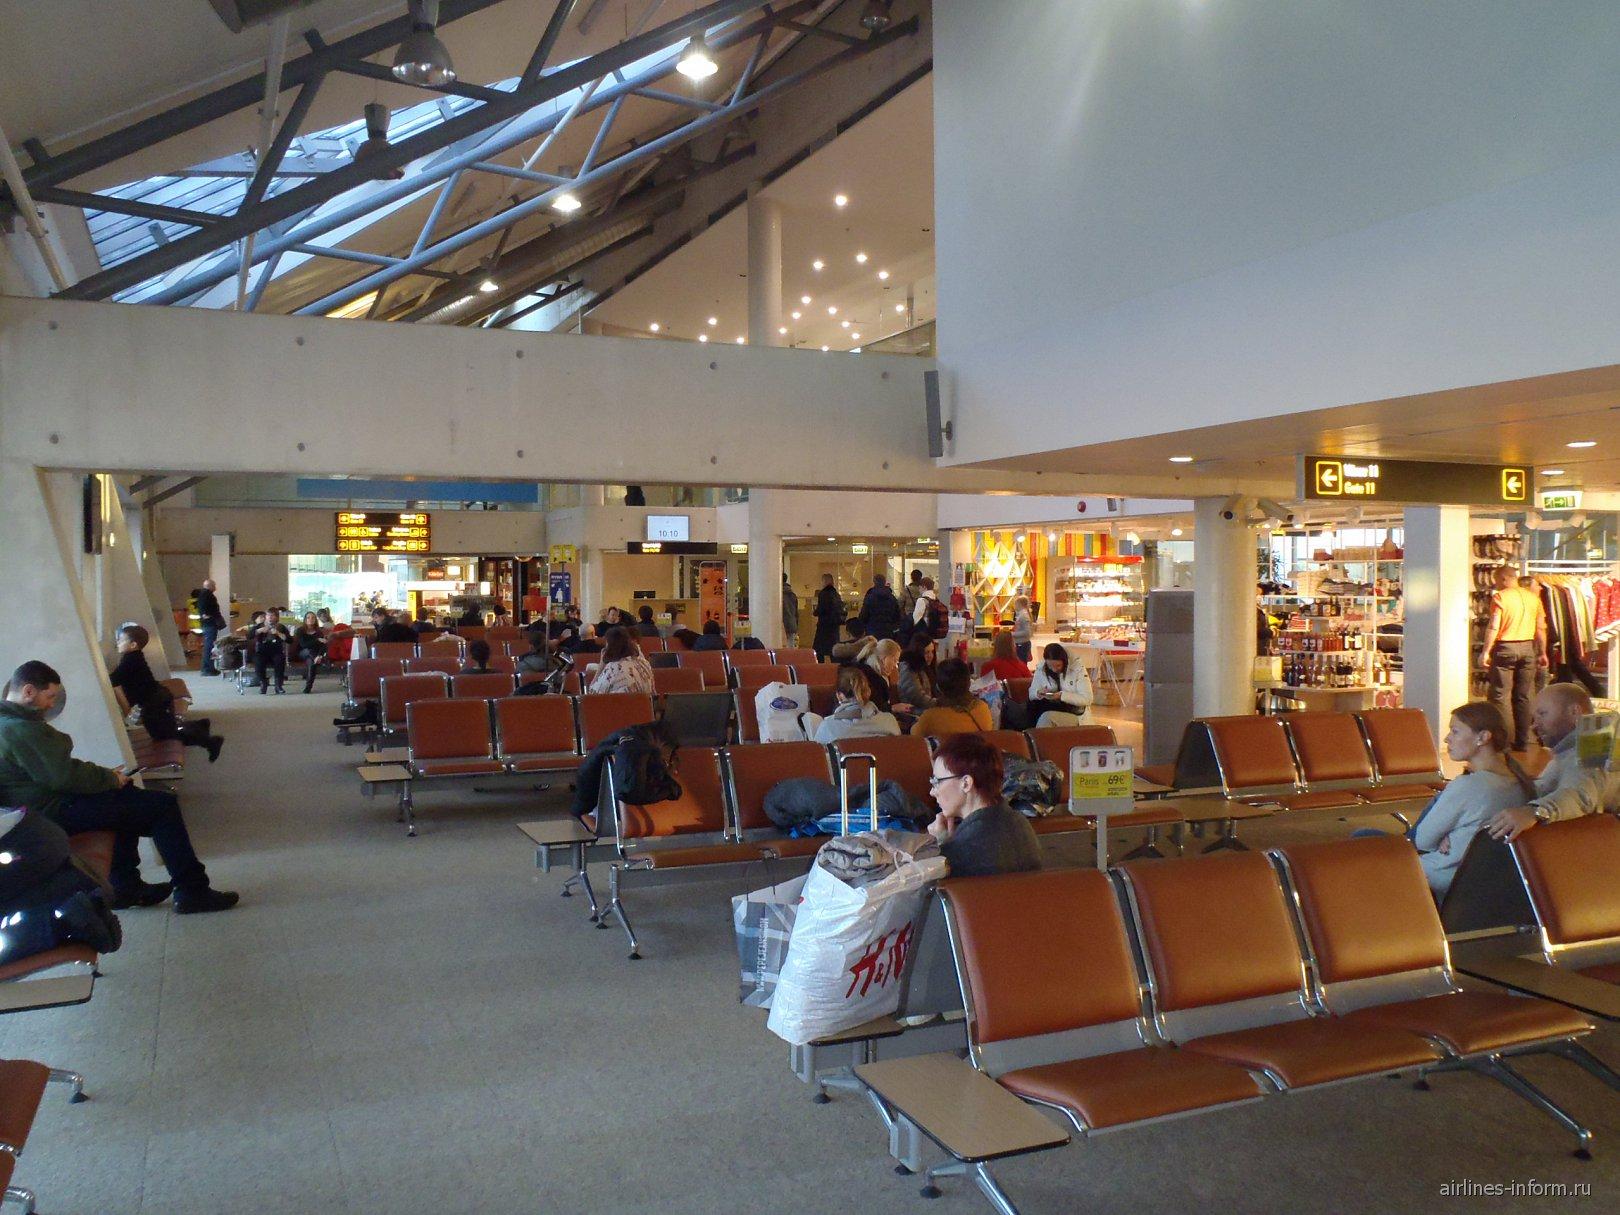 Зал ожидания в чистой зоне аэропорта Таллин